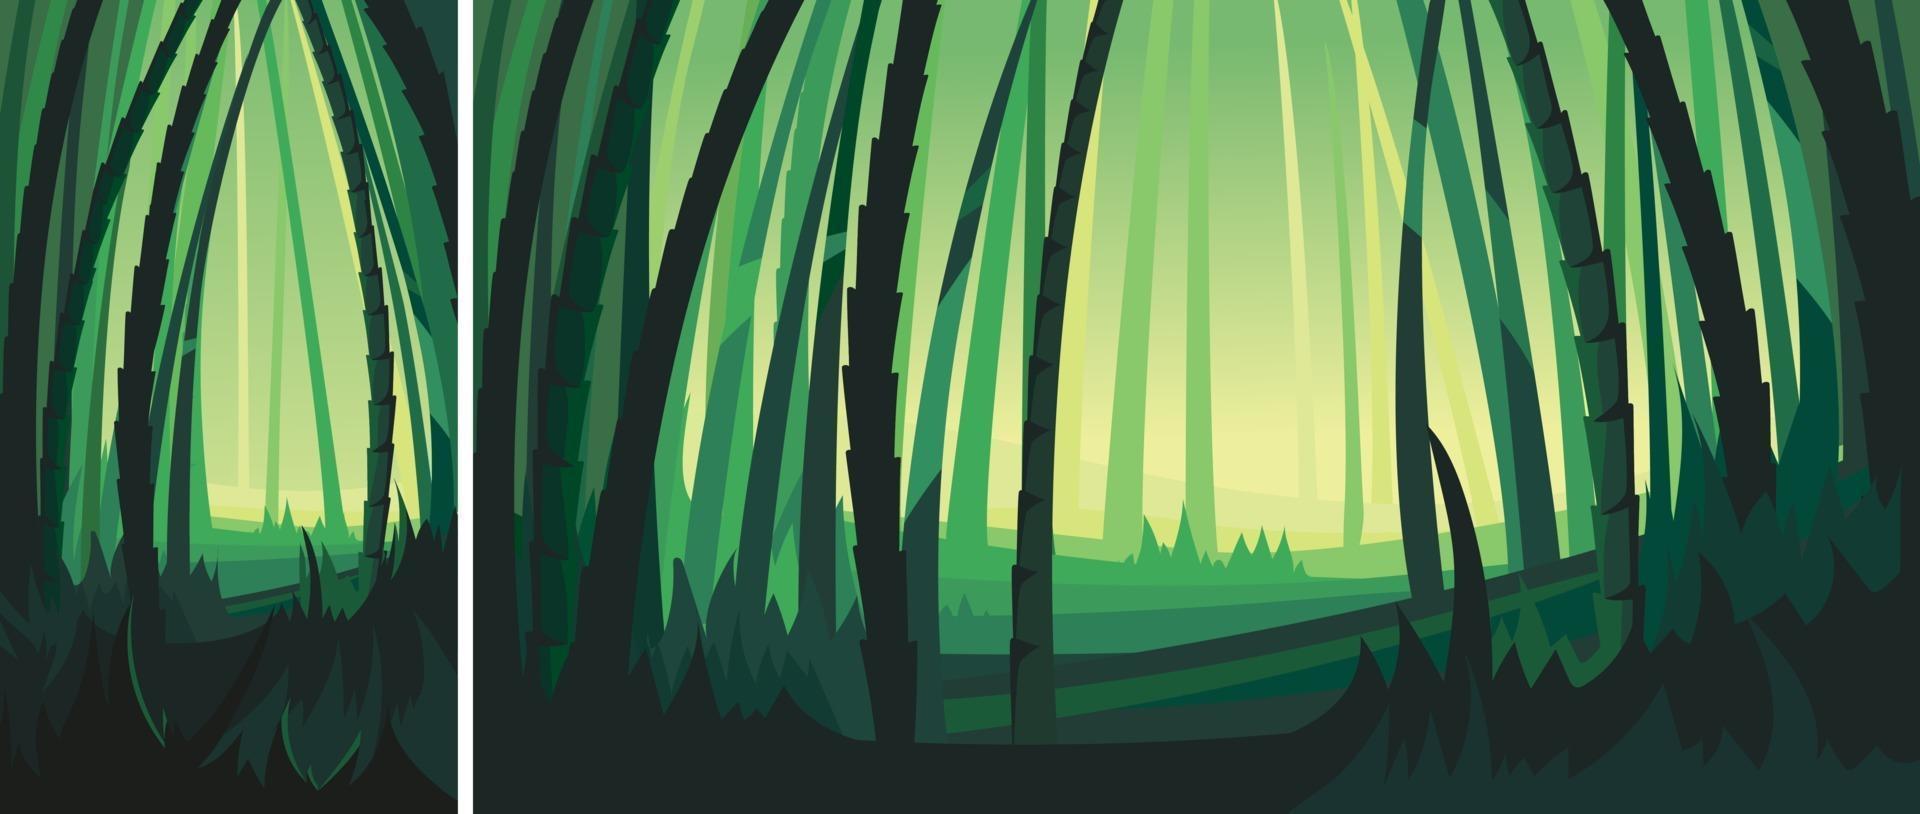 paisaje con árboles de bambú. Escenografía natural en orientación vertical y horizontal. vector